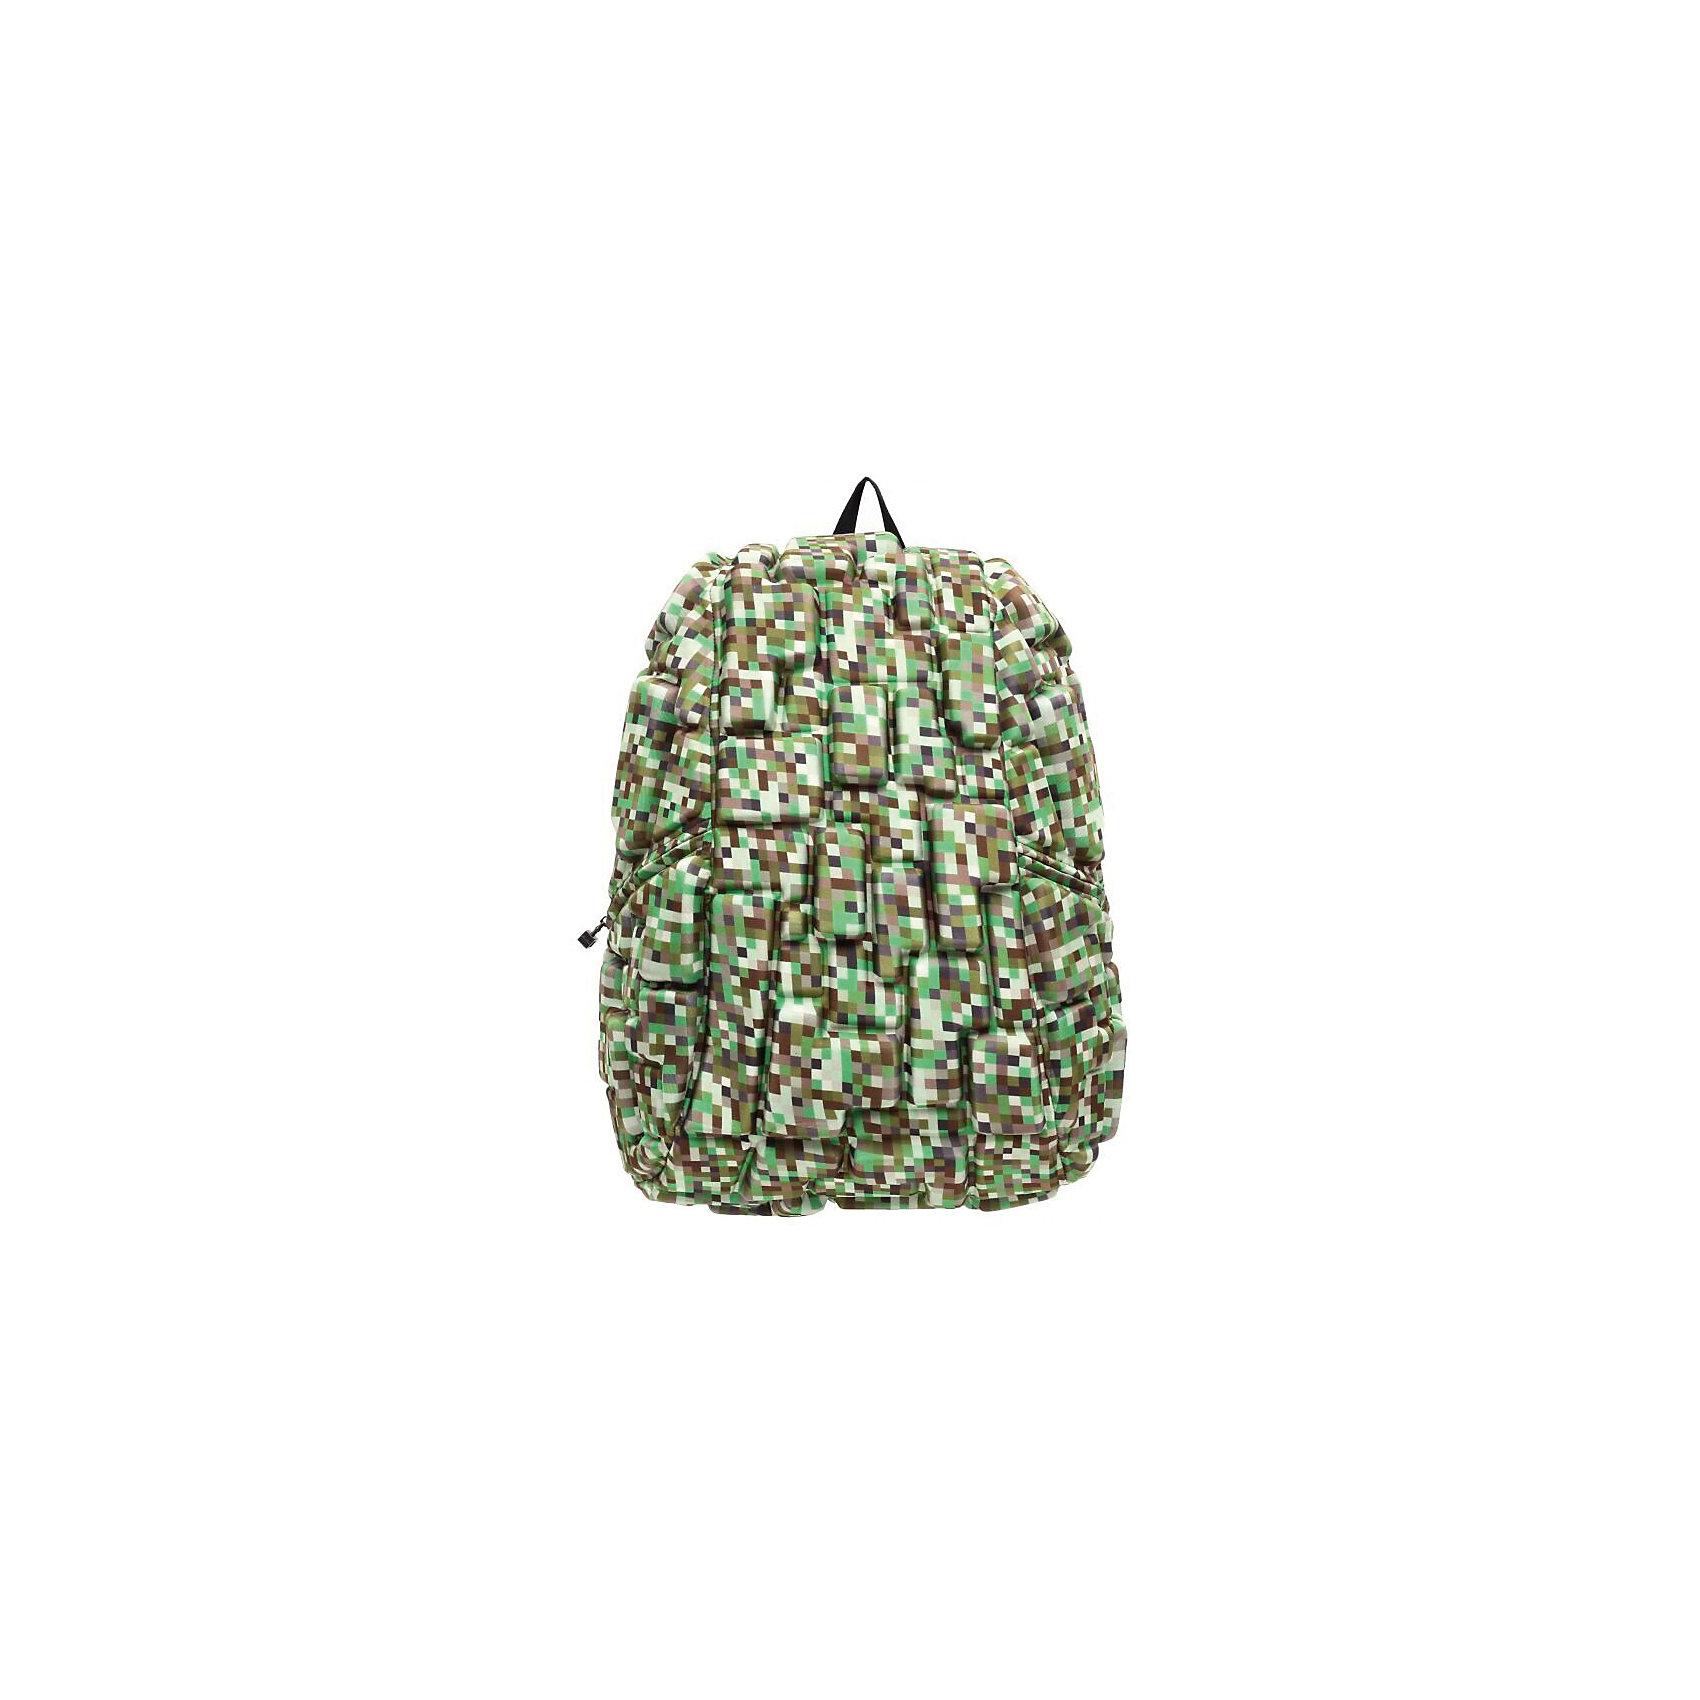 Рюкзак Blok Full Digital Green, цвет зеленый мультиРюкзаки<br>Характеристики товара:<br><br>• цвет: Digital Green (зеленый мульти);<br>• возраст: от 5 лет;<br>• вес: 0,8 кг;<br>• размер: 46х36х20 см;<br>• одно отделение на молнии;<br>• вместительный;<br>• лямки регулируются по высоте;<br>• ортопедическая спинка;<br>• карман - окошко для контактной информации;<br>• материал: полиспандекс;<br>• страна бренда: США;<br>• страна изготовитель: Китай.<br><br>Рюкзак Madpax не перепутаешь ни с каким другим рюкзаком! Его уникальность в неповторимом дизайне. Рельефное покрытие рюкзака «Blok Full» напоминает футуристические строительные блоки.<br><br>Просторный внутри, он способен вместить практически все вещи владельца. Наличие эргономичных ручек дает возможность без лишних усилий переносить тяжелую сумку за спиной. Лямки оснащены фиксатором в области груди. Ортопедическая спинка с вентилируемым материалом создаст комфорт. Внутри 2 отделения: большое для основных вещей и отделение для ноутбука или планшета с диагональю до 17 дюймов. По бокам - два дополнительных кармана на молнии для мелочей.<br><br>Рюкзак Madpax «Blok Full» можно купить в нашем интернет-магазине.<br><br>Ширина мм: 460<br>Глубина мм: 360<br>Высота мм: 200<br>Вес г: 800<br>Возраст от месяцев: 60<br>Возраст до месяцев: 720<br>Пол: Унисекс<br>Возраст: Детский<br>SKU: 7054112